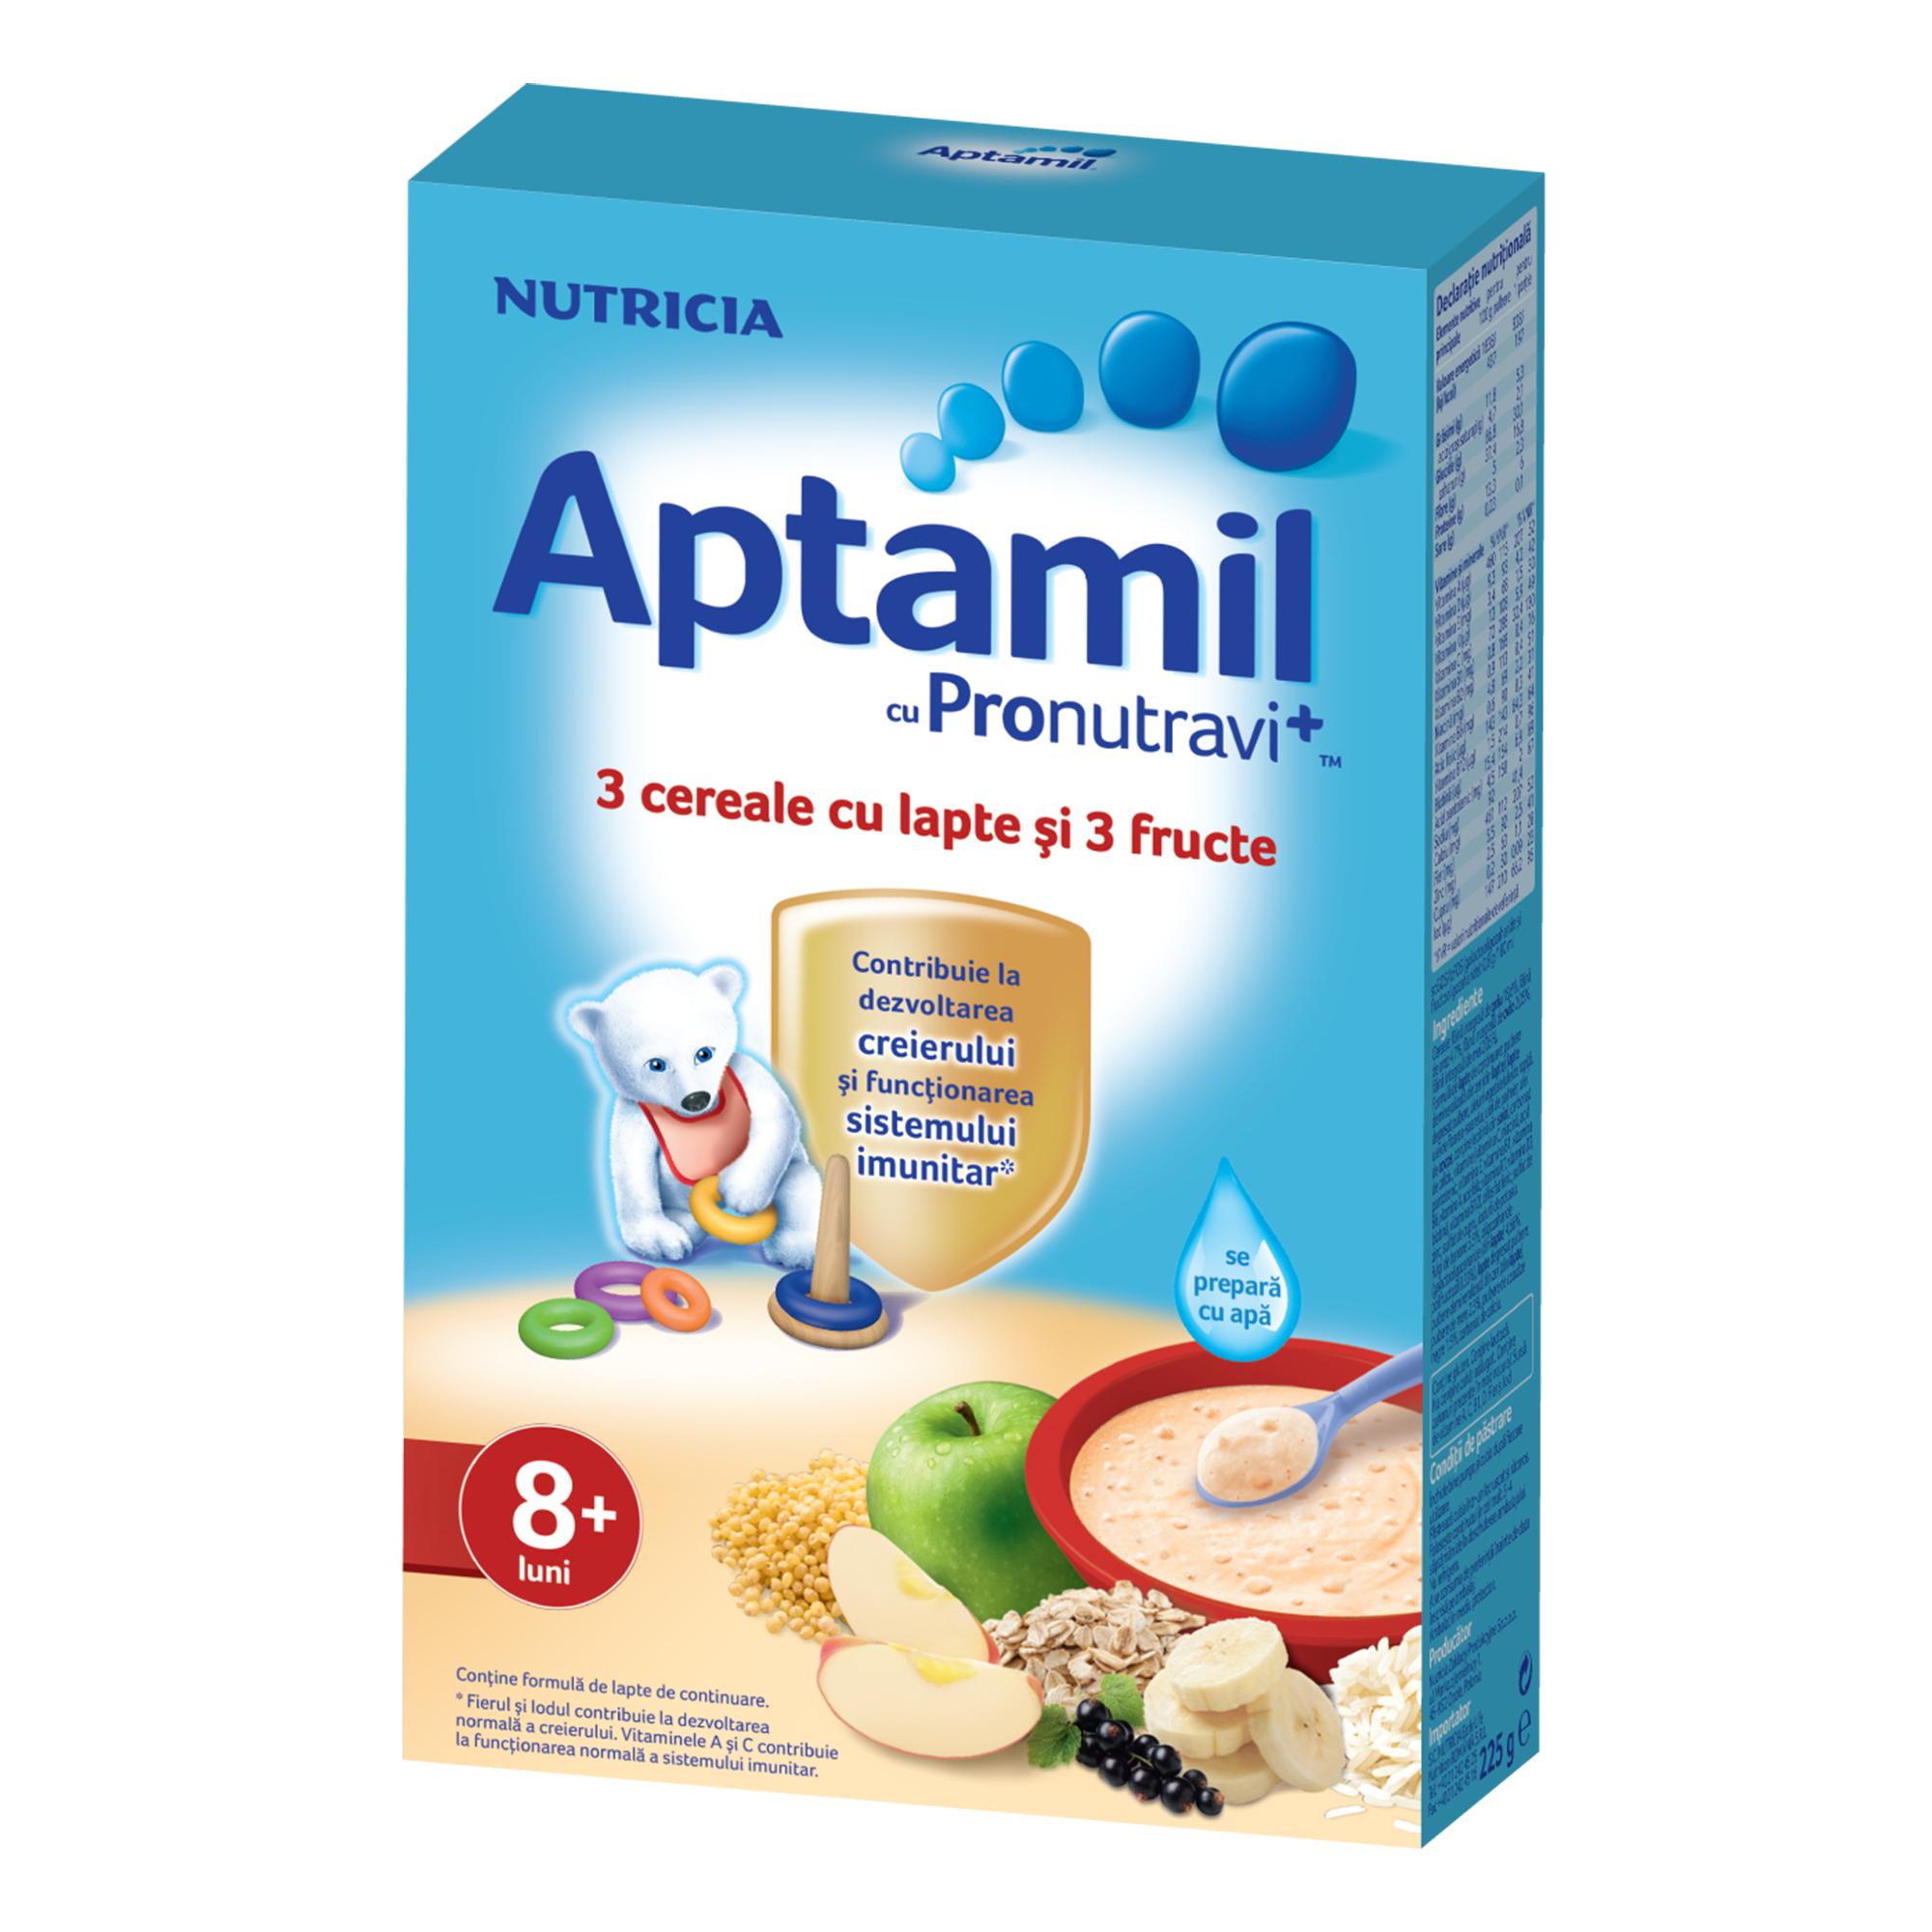 Cereale cu lapte Nutricia, Aptamil, 3 cereale si 3 fructe, 225g, 8luni+